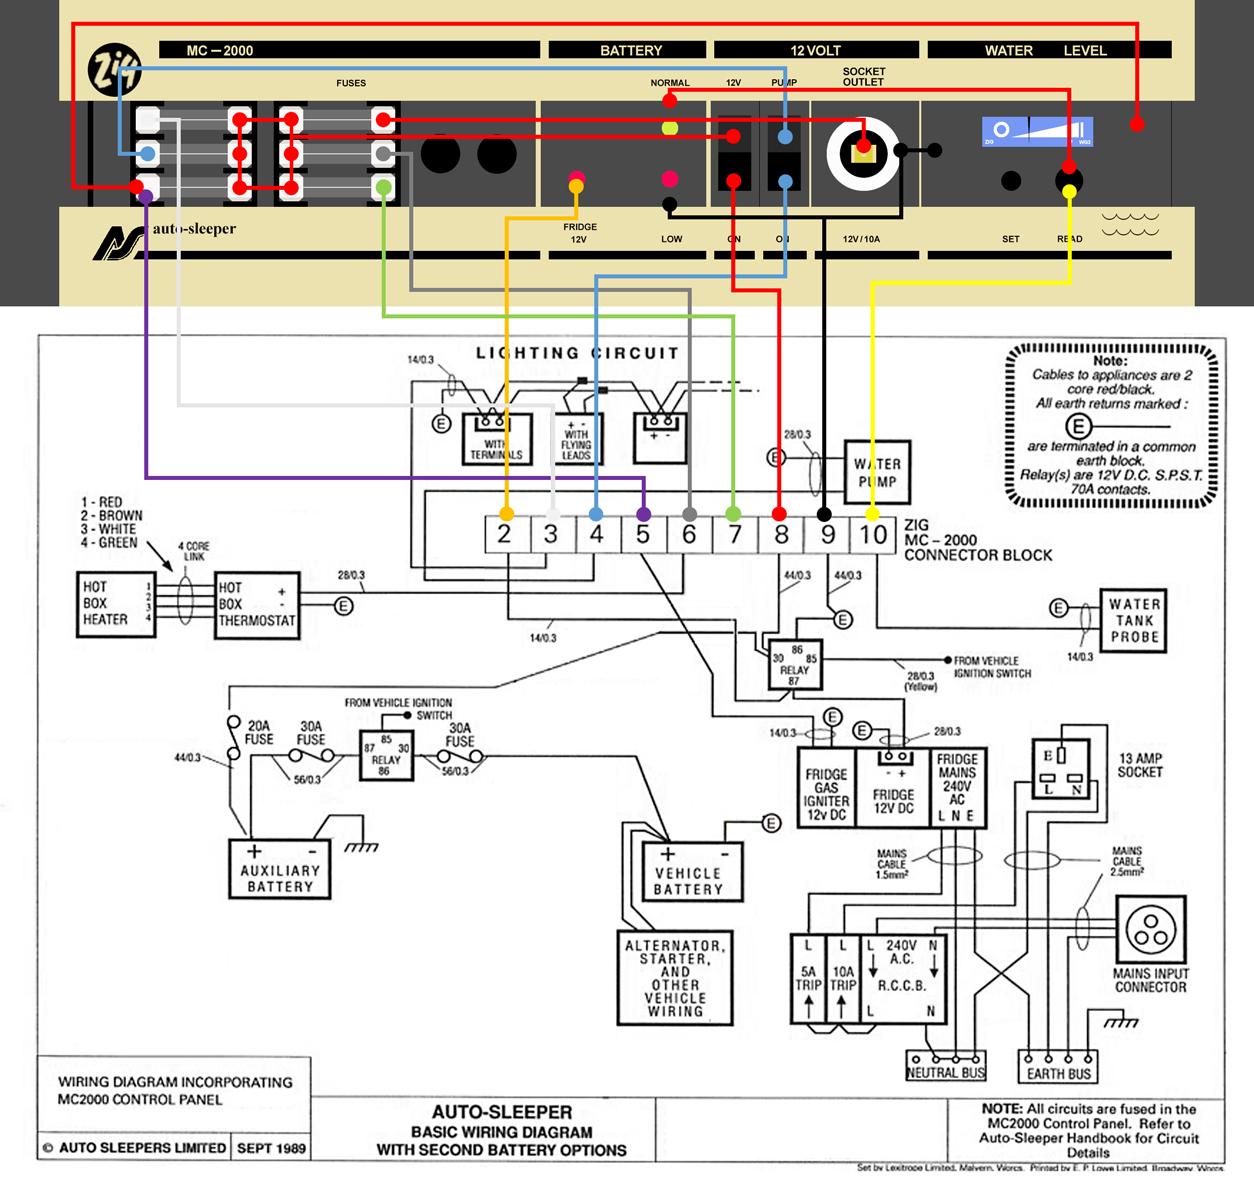 kenwood mc 42s mic wiring diagram all wiring diagram kenwood mc 42s mic wiring diagram wiring diagram electrical icom mic wiring diagram kenwood mc 42s mic wiring diagram